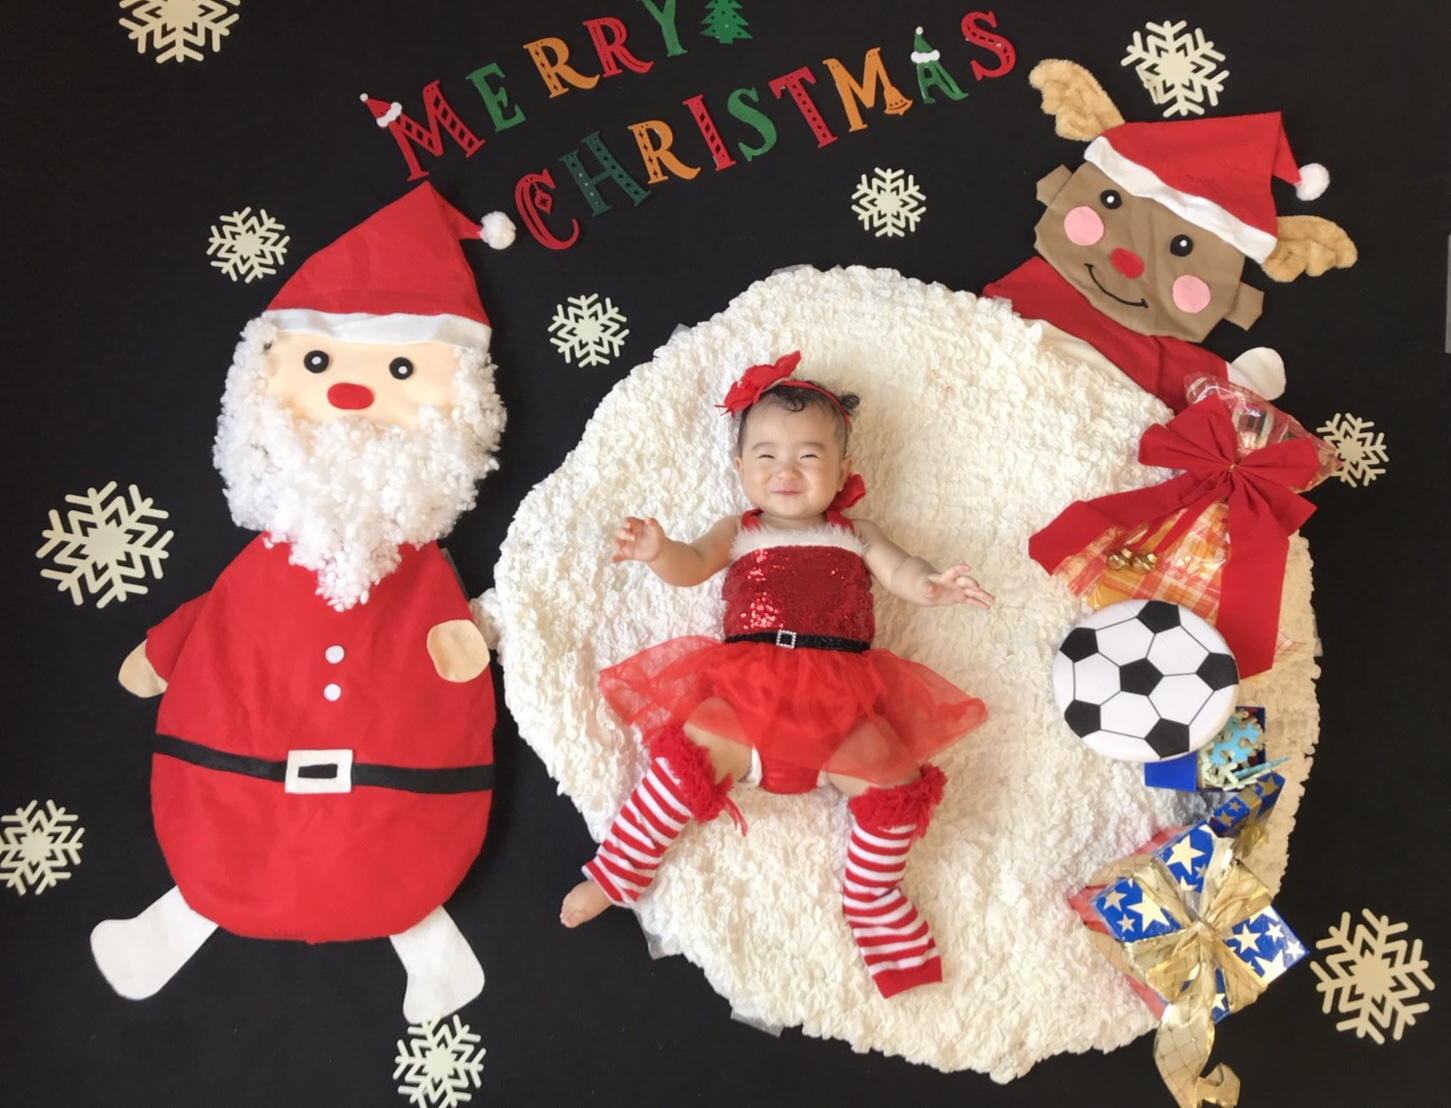 おひるねアート クリスマス サンタ トナカイ クリスマスプレゼント ほっこりーの 北とぴあ